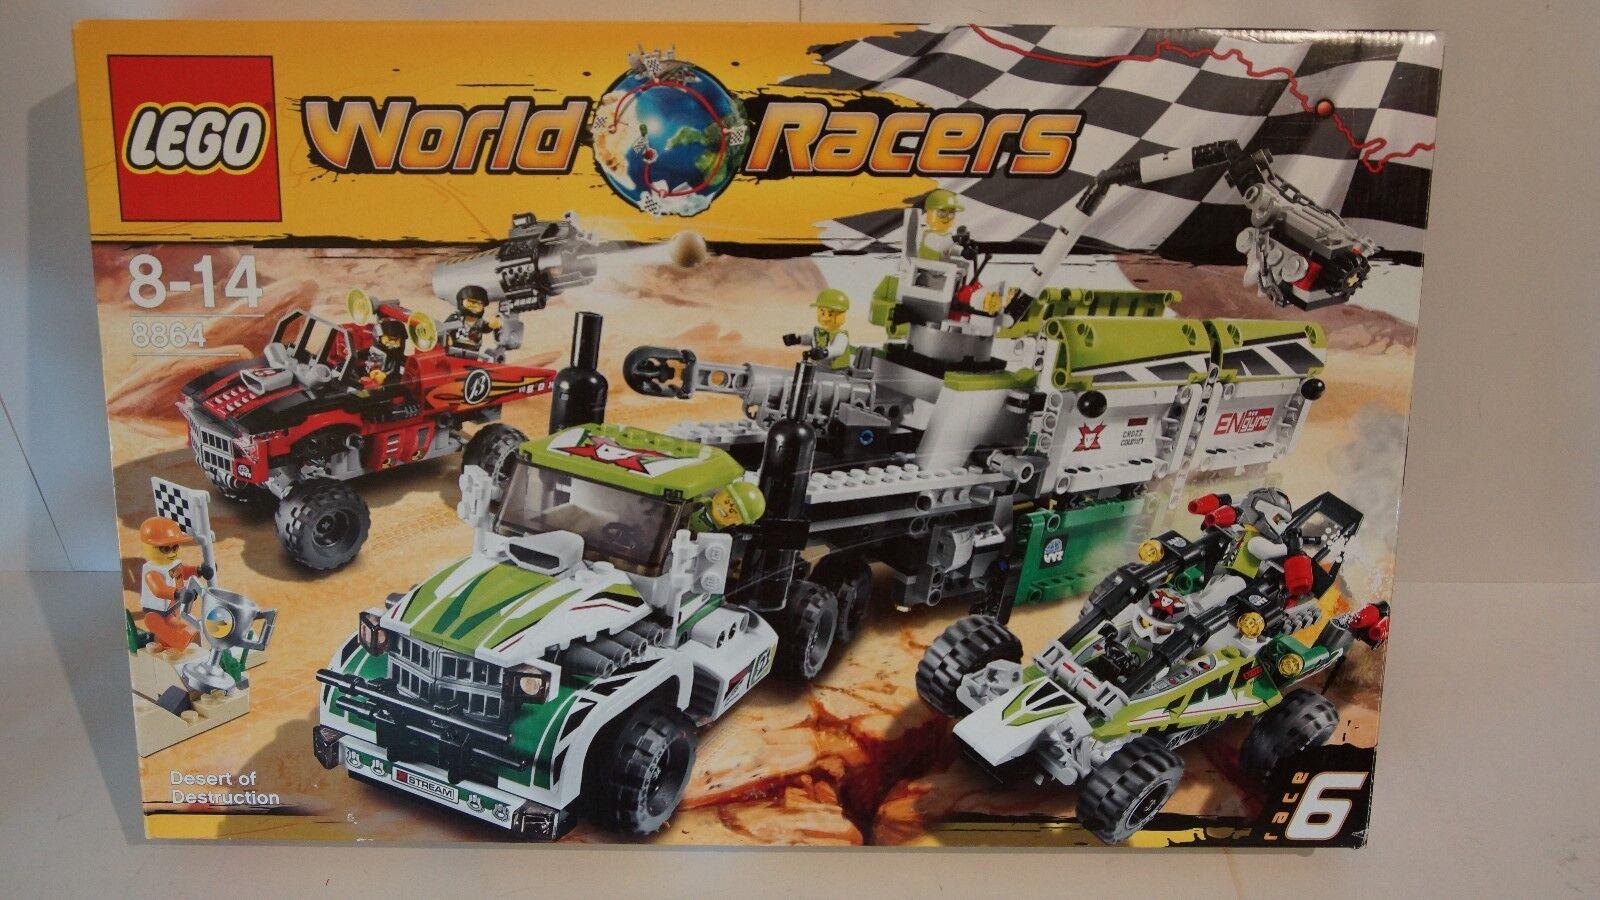 Lego 8864 - World Racers  - Finale in der Wüste